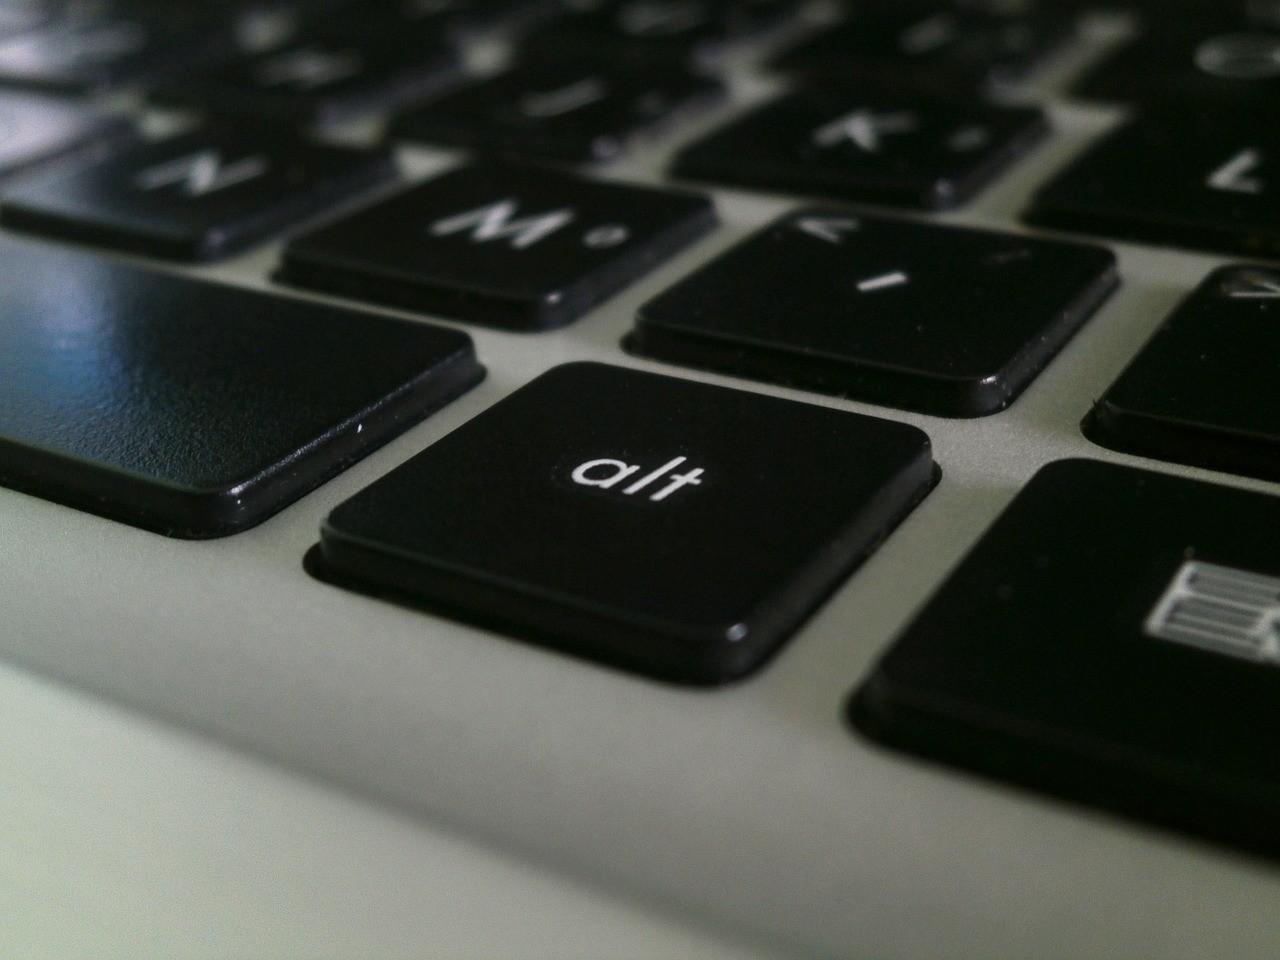 Einen Aufzählungspunkt mit der Tastatur erstellen